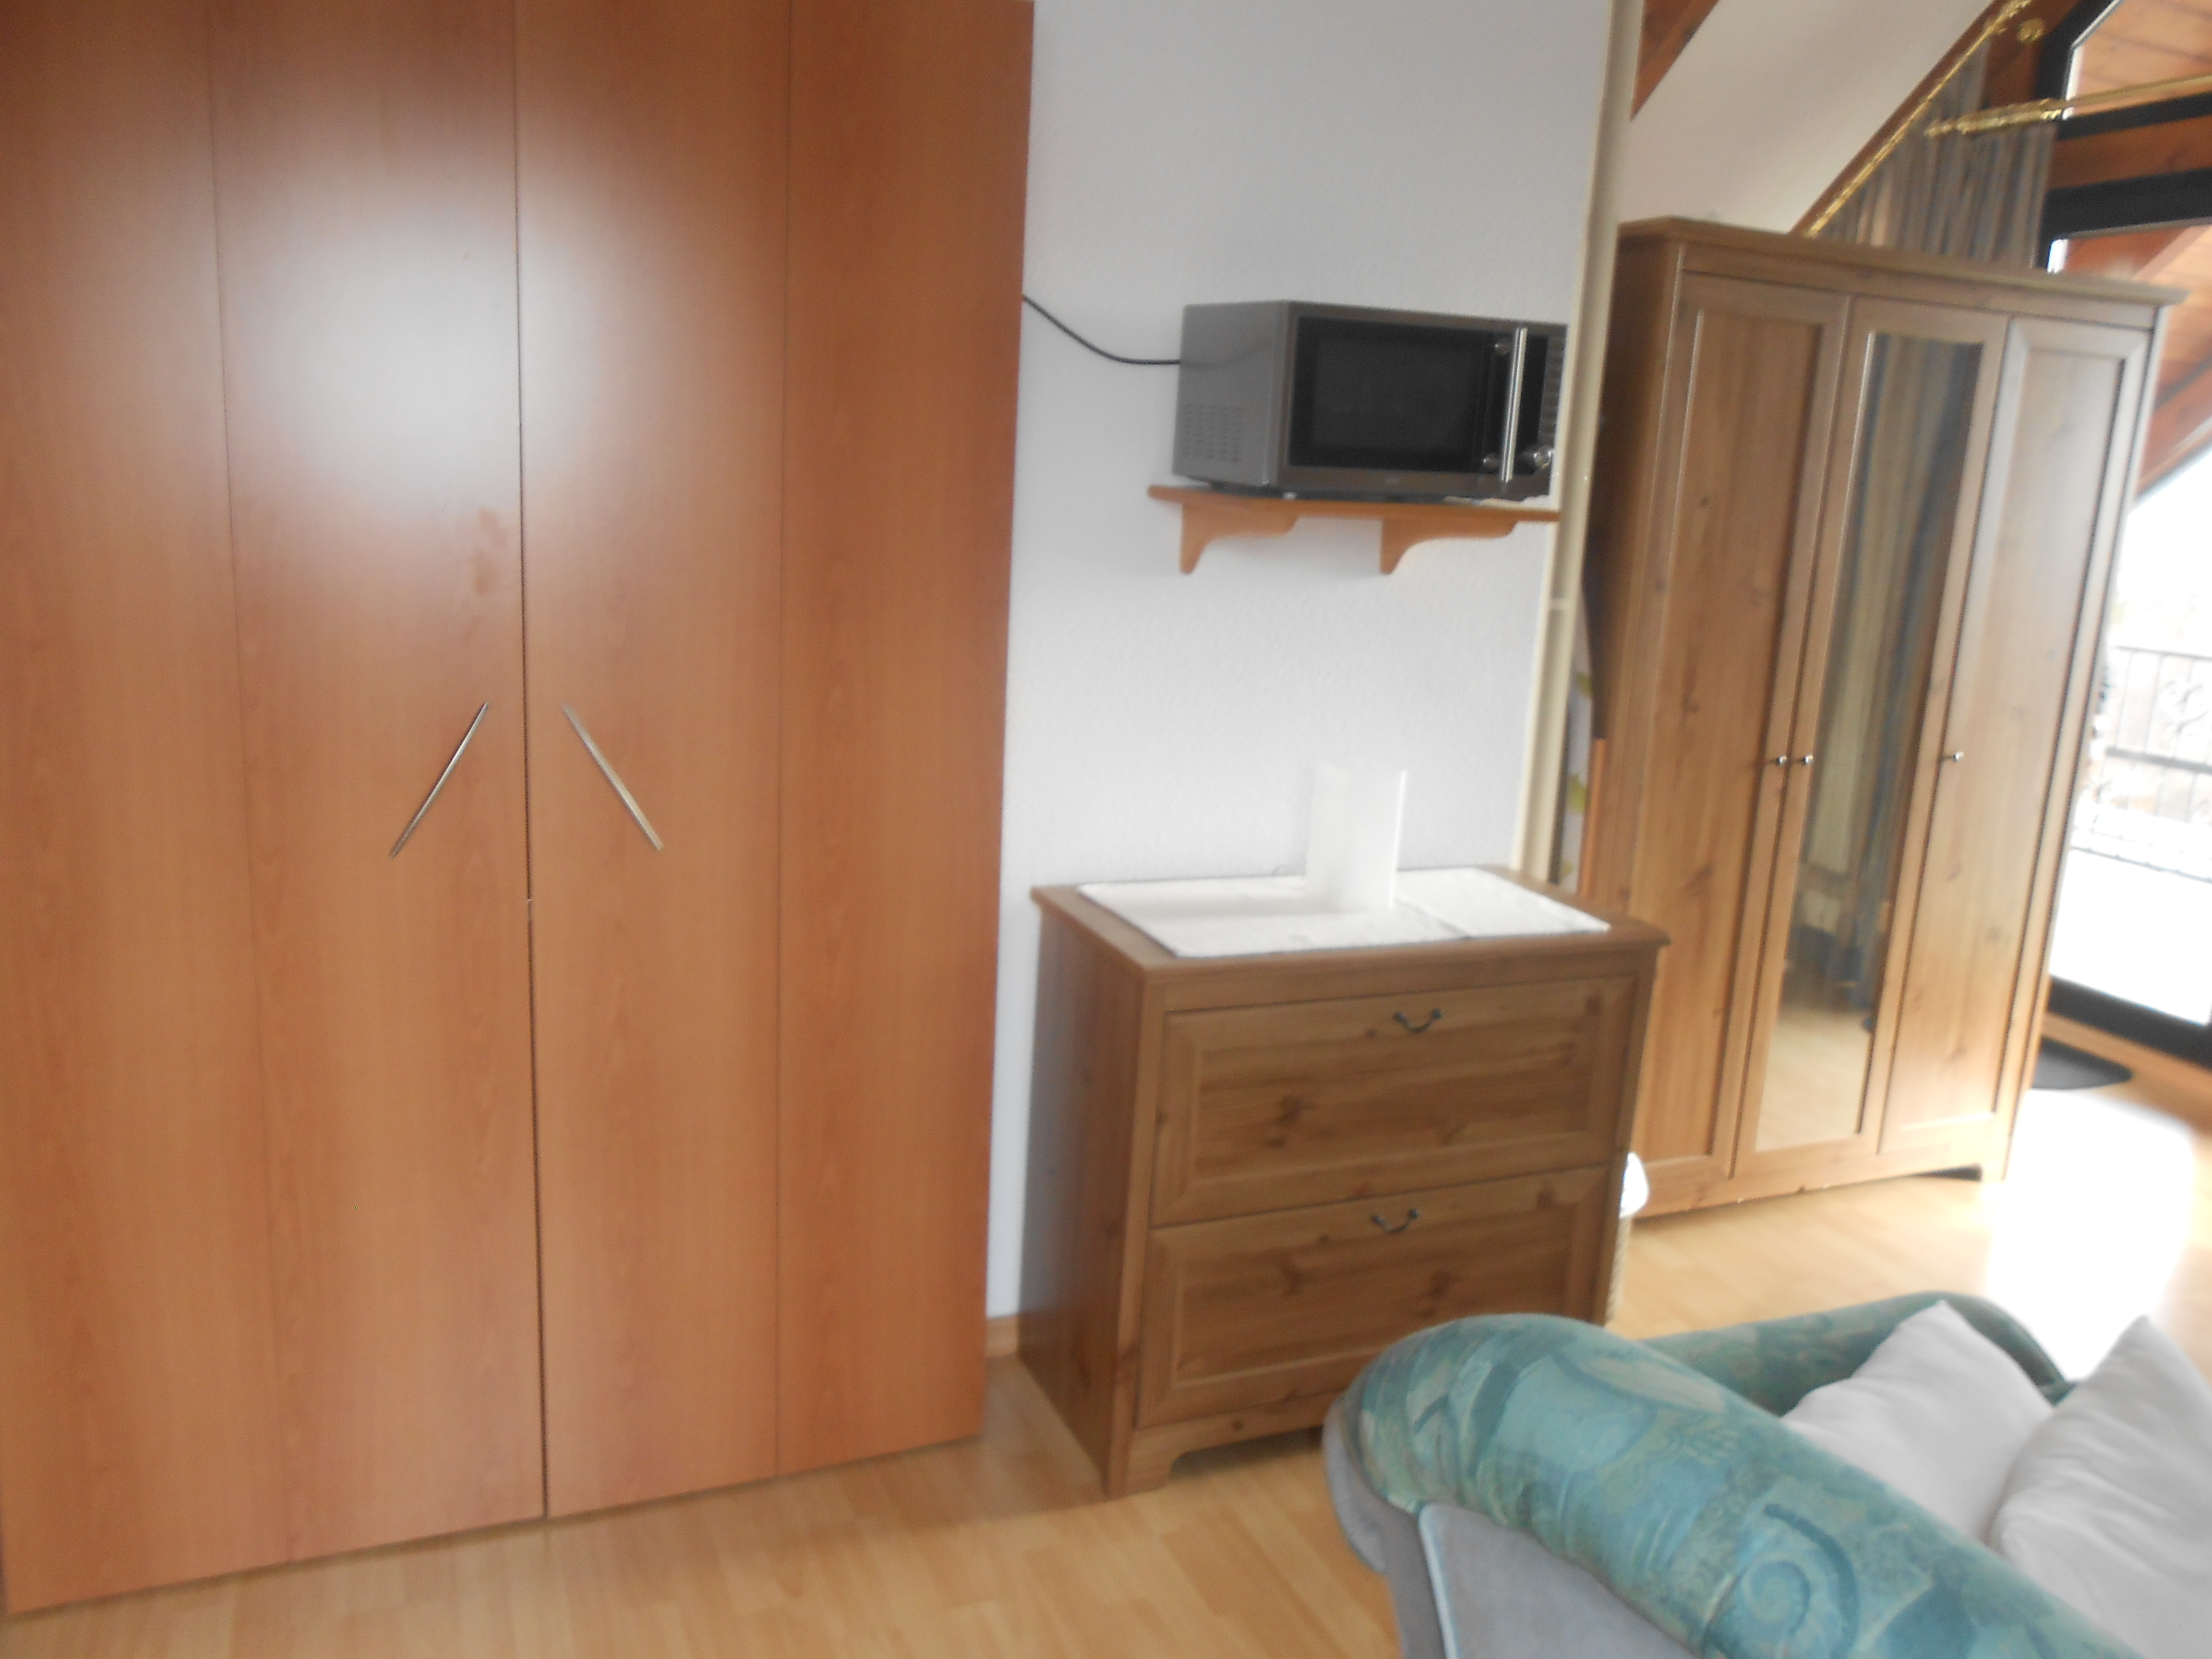 trebur astheim wochenendheimfahrer gesucht m blierte 1 2 zi whg zu vermieten kaltmiete 495. Black Bedroom Furniture Sets. Home Design Ideas